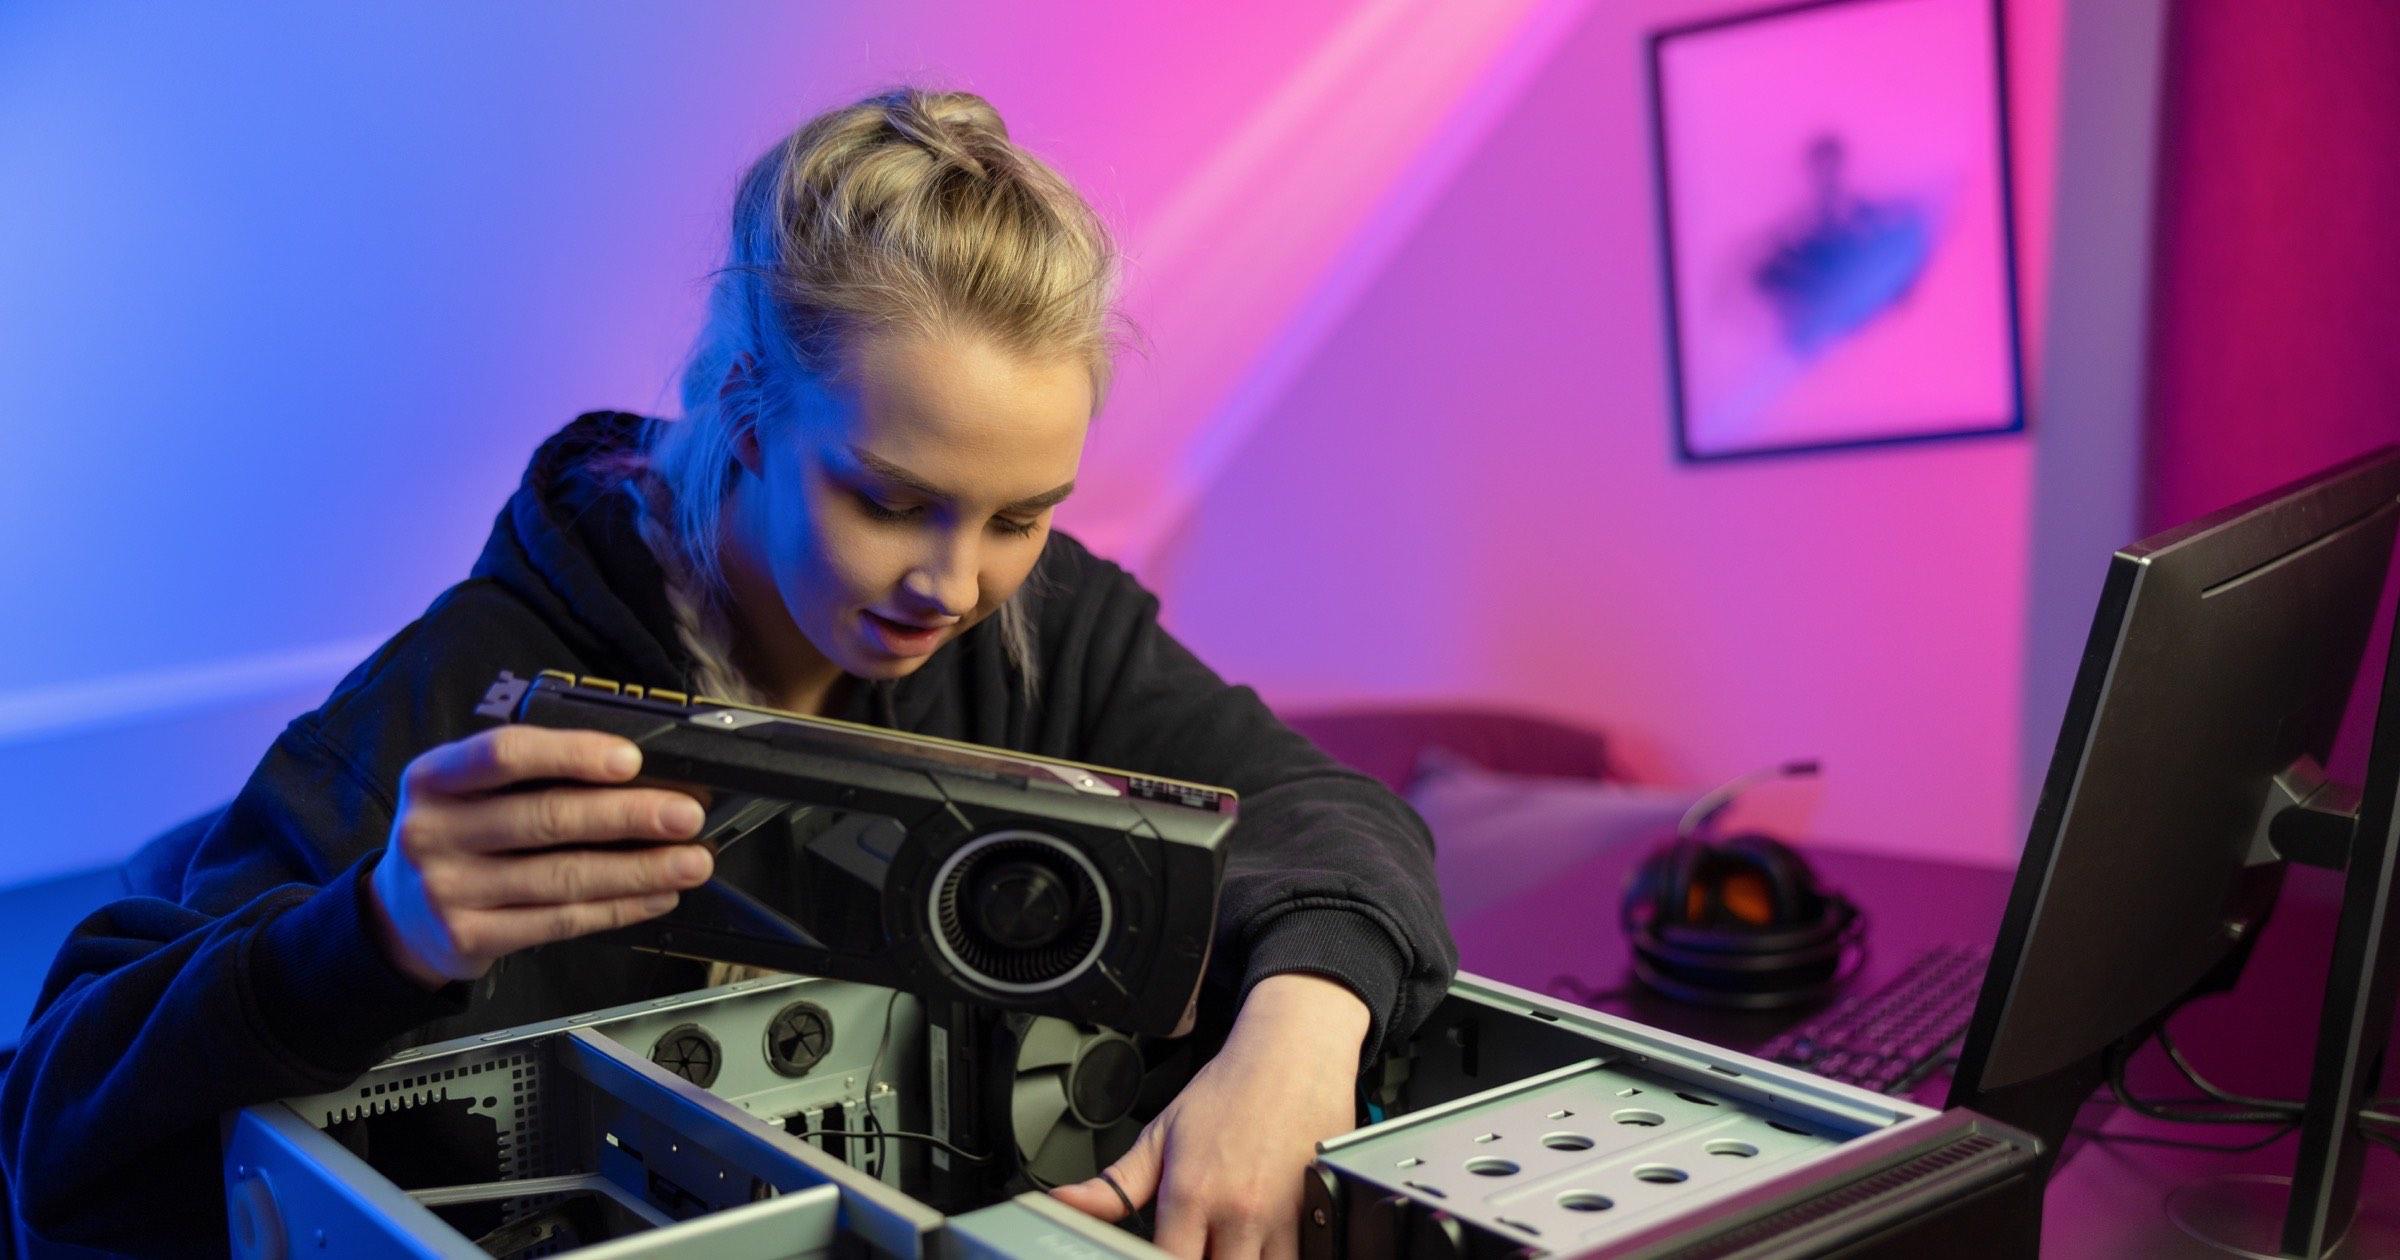 Woman installing GPU in PC